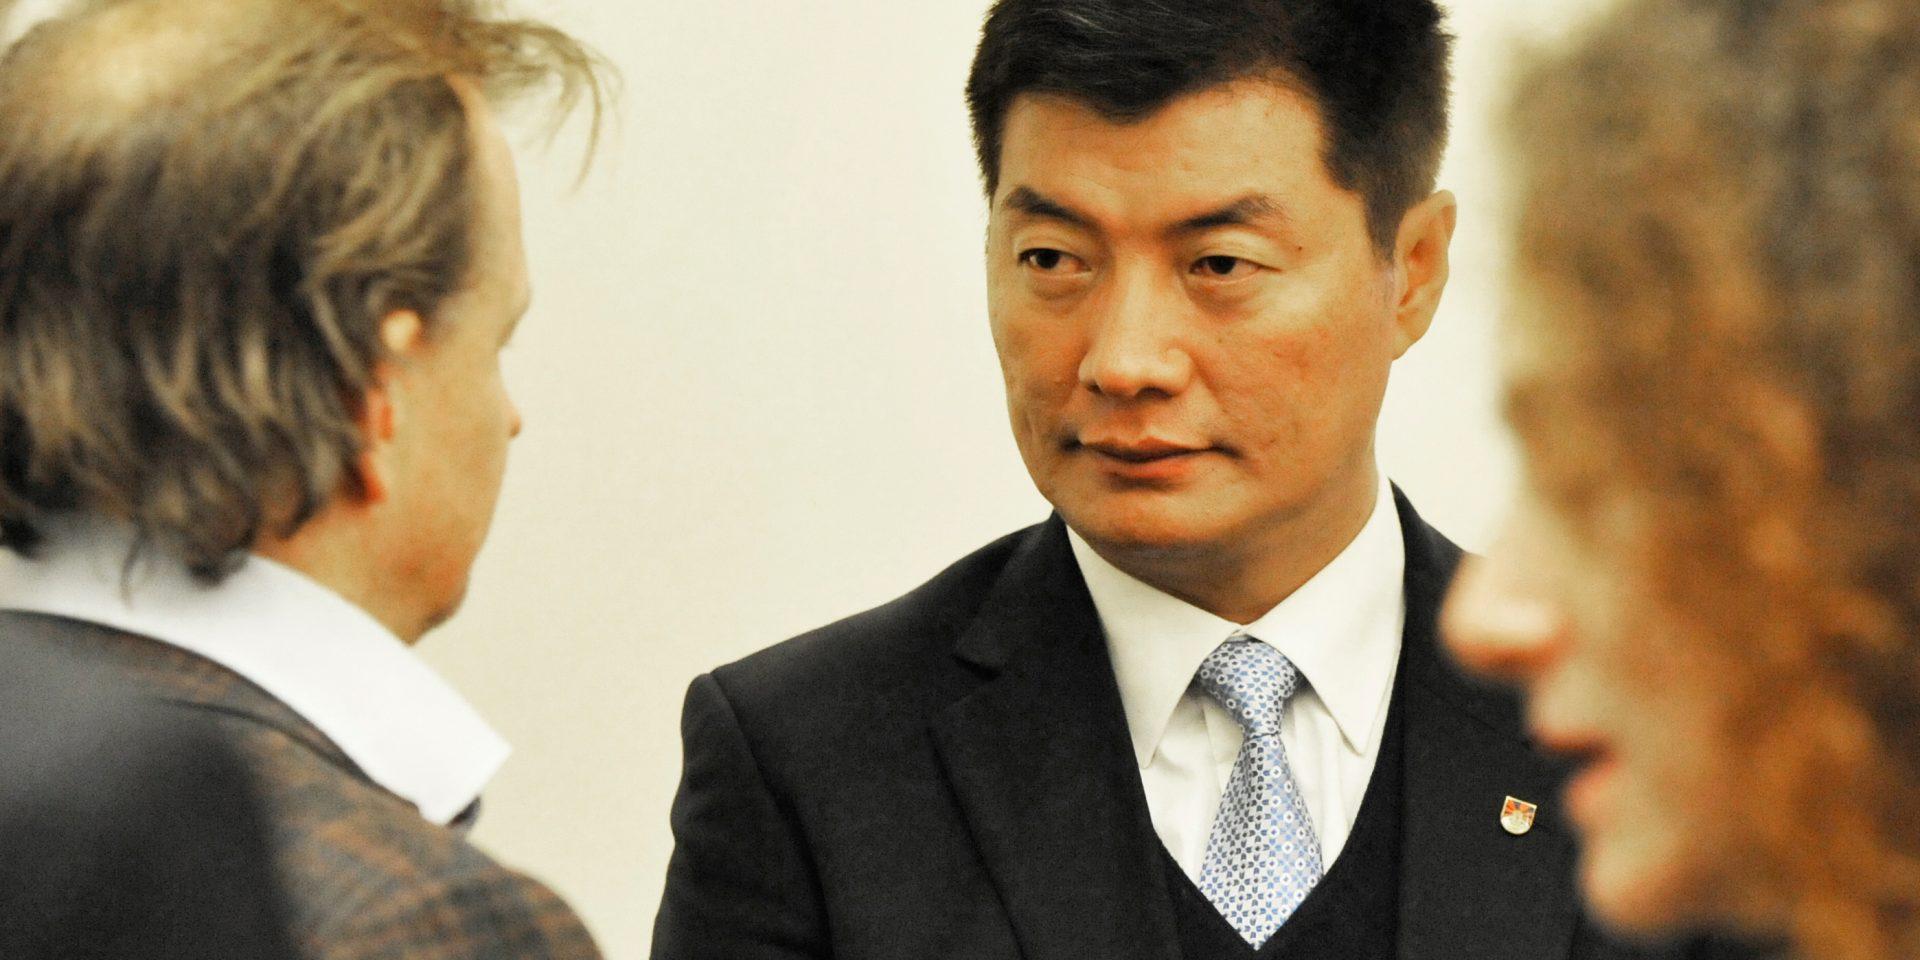 – Sverige och resten av världen har ett val, anser Lobsang Sangay, premiärminister i den tibetanska exilregeringen.